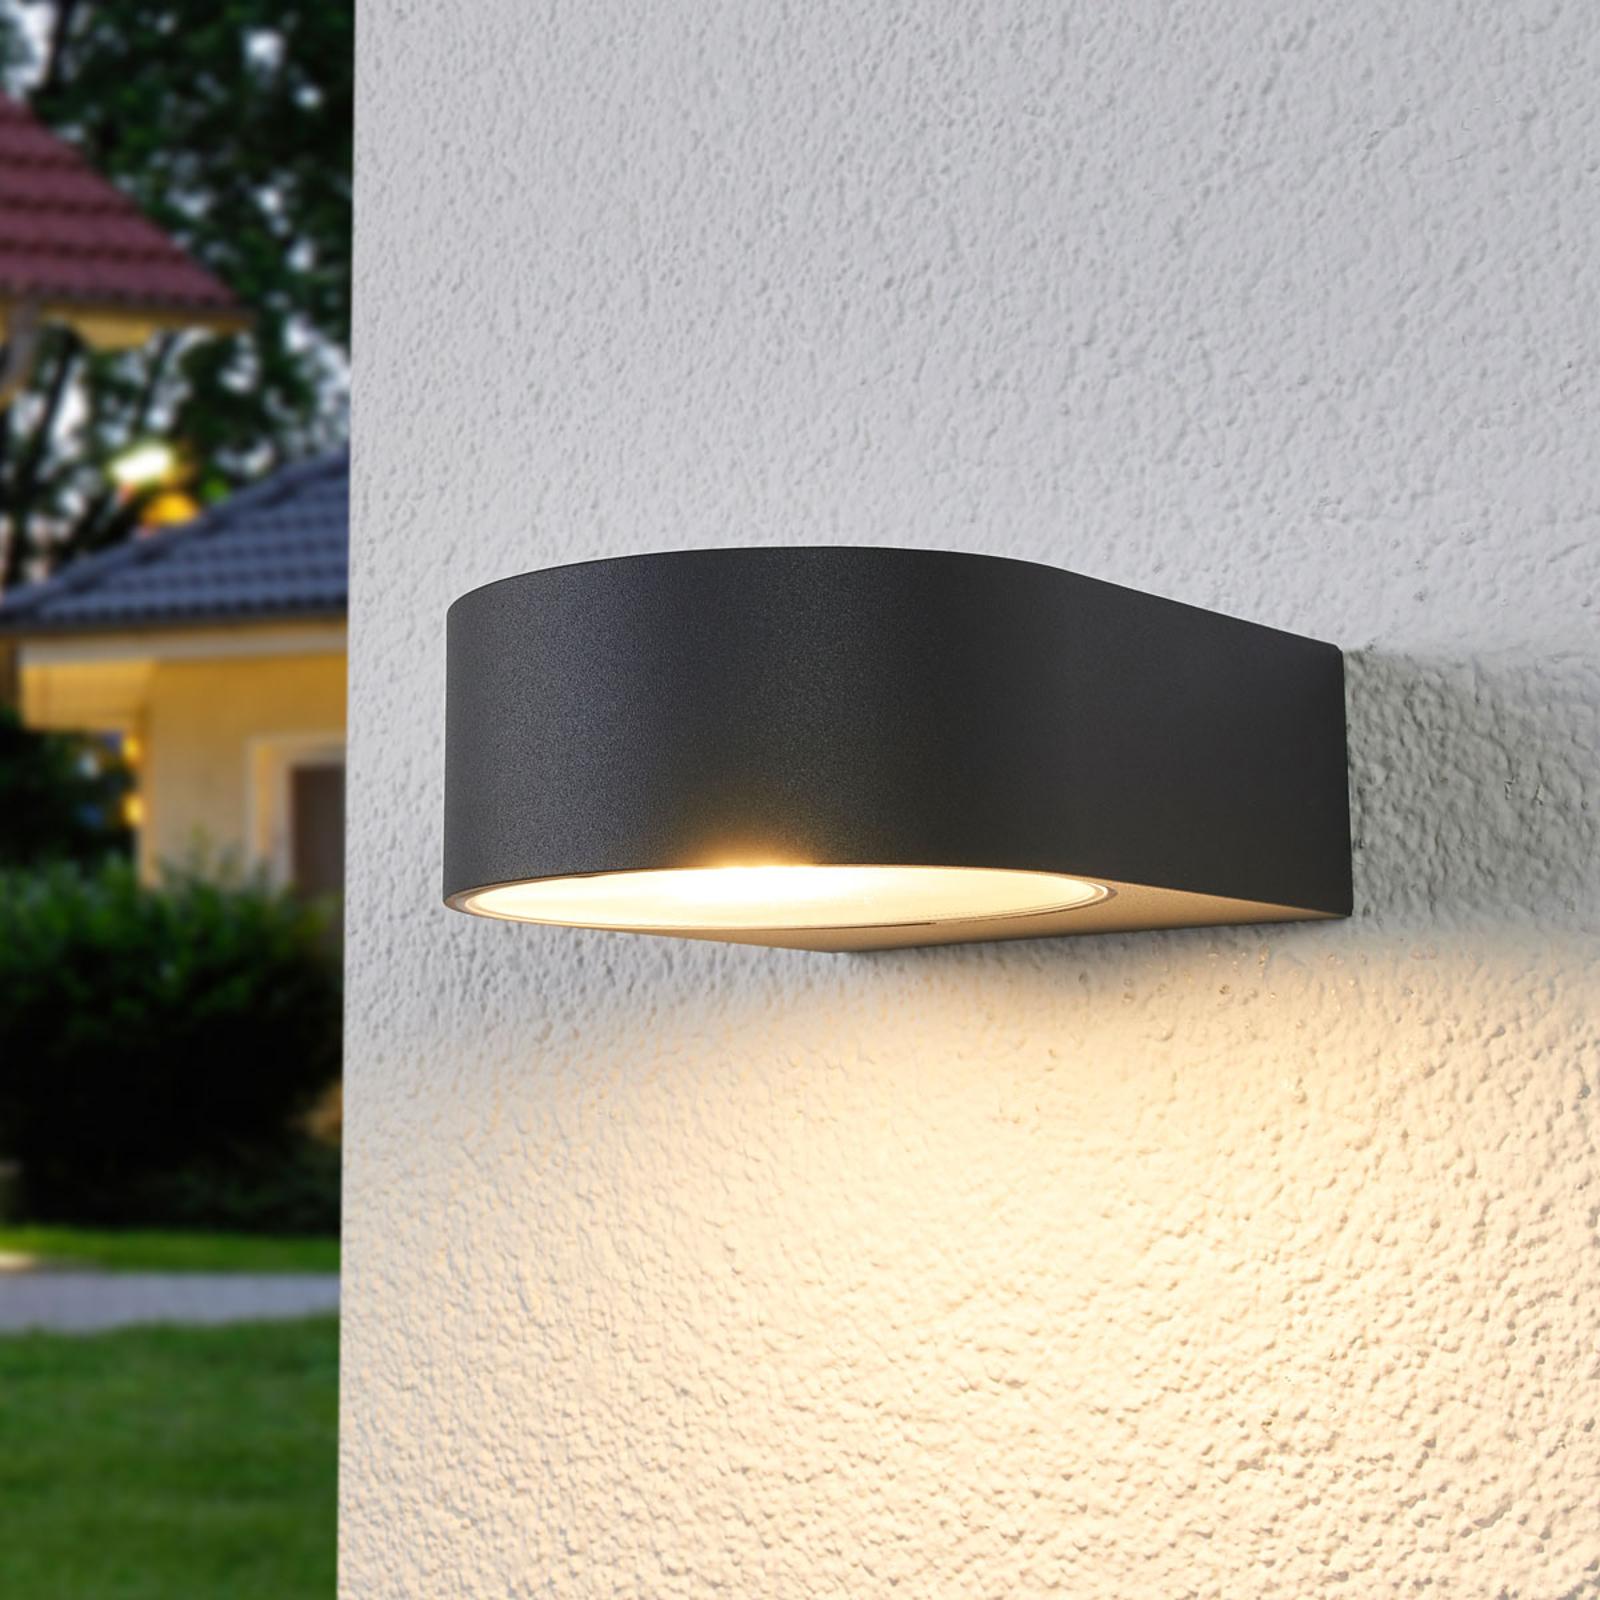 BEGA 33224K3 wall lamp graphite 3,000 K 1-sided_1566020_1